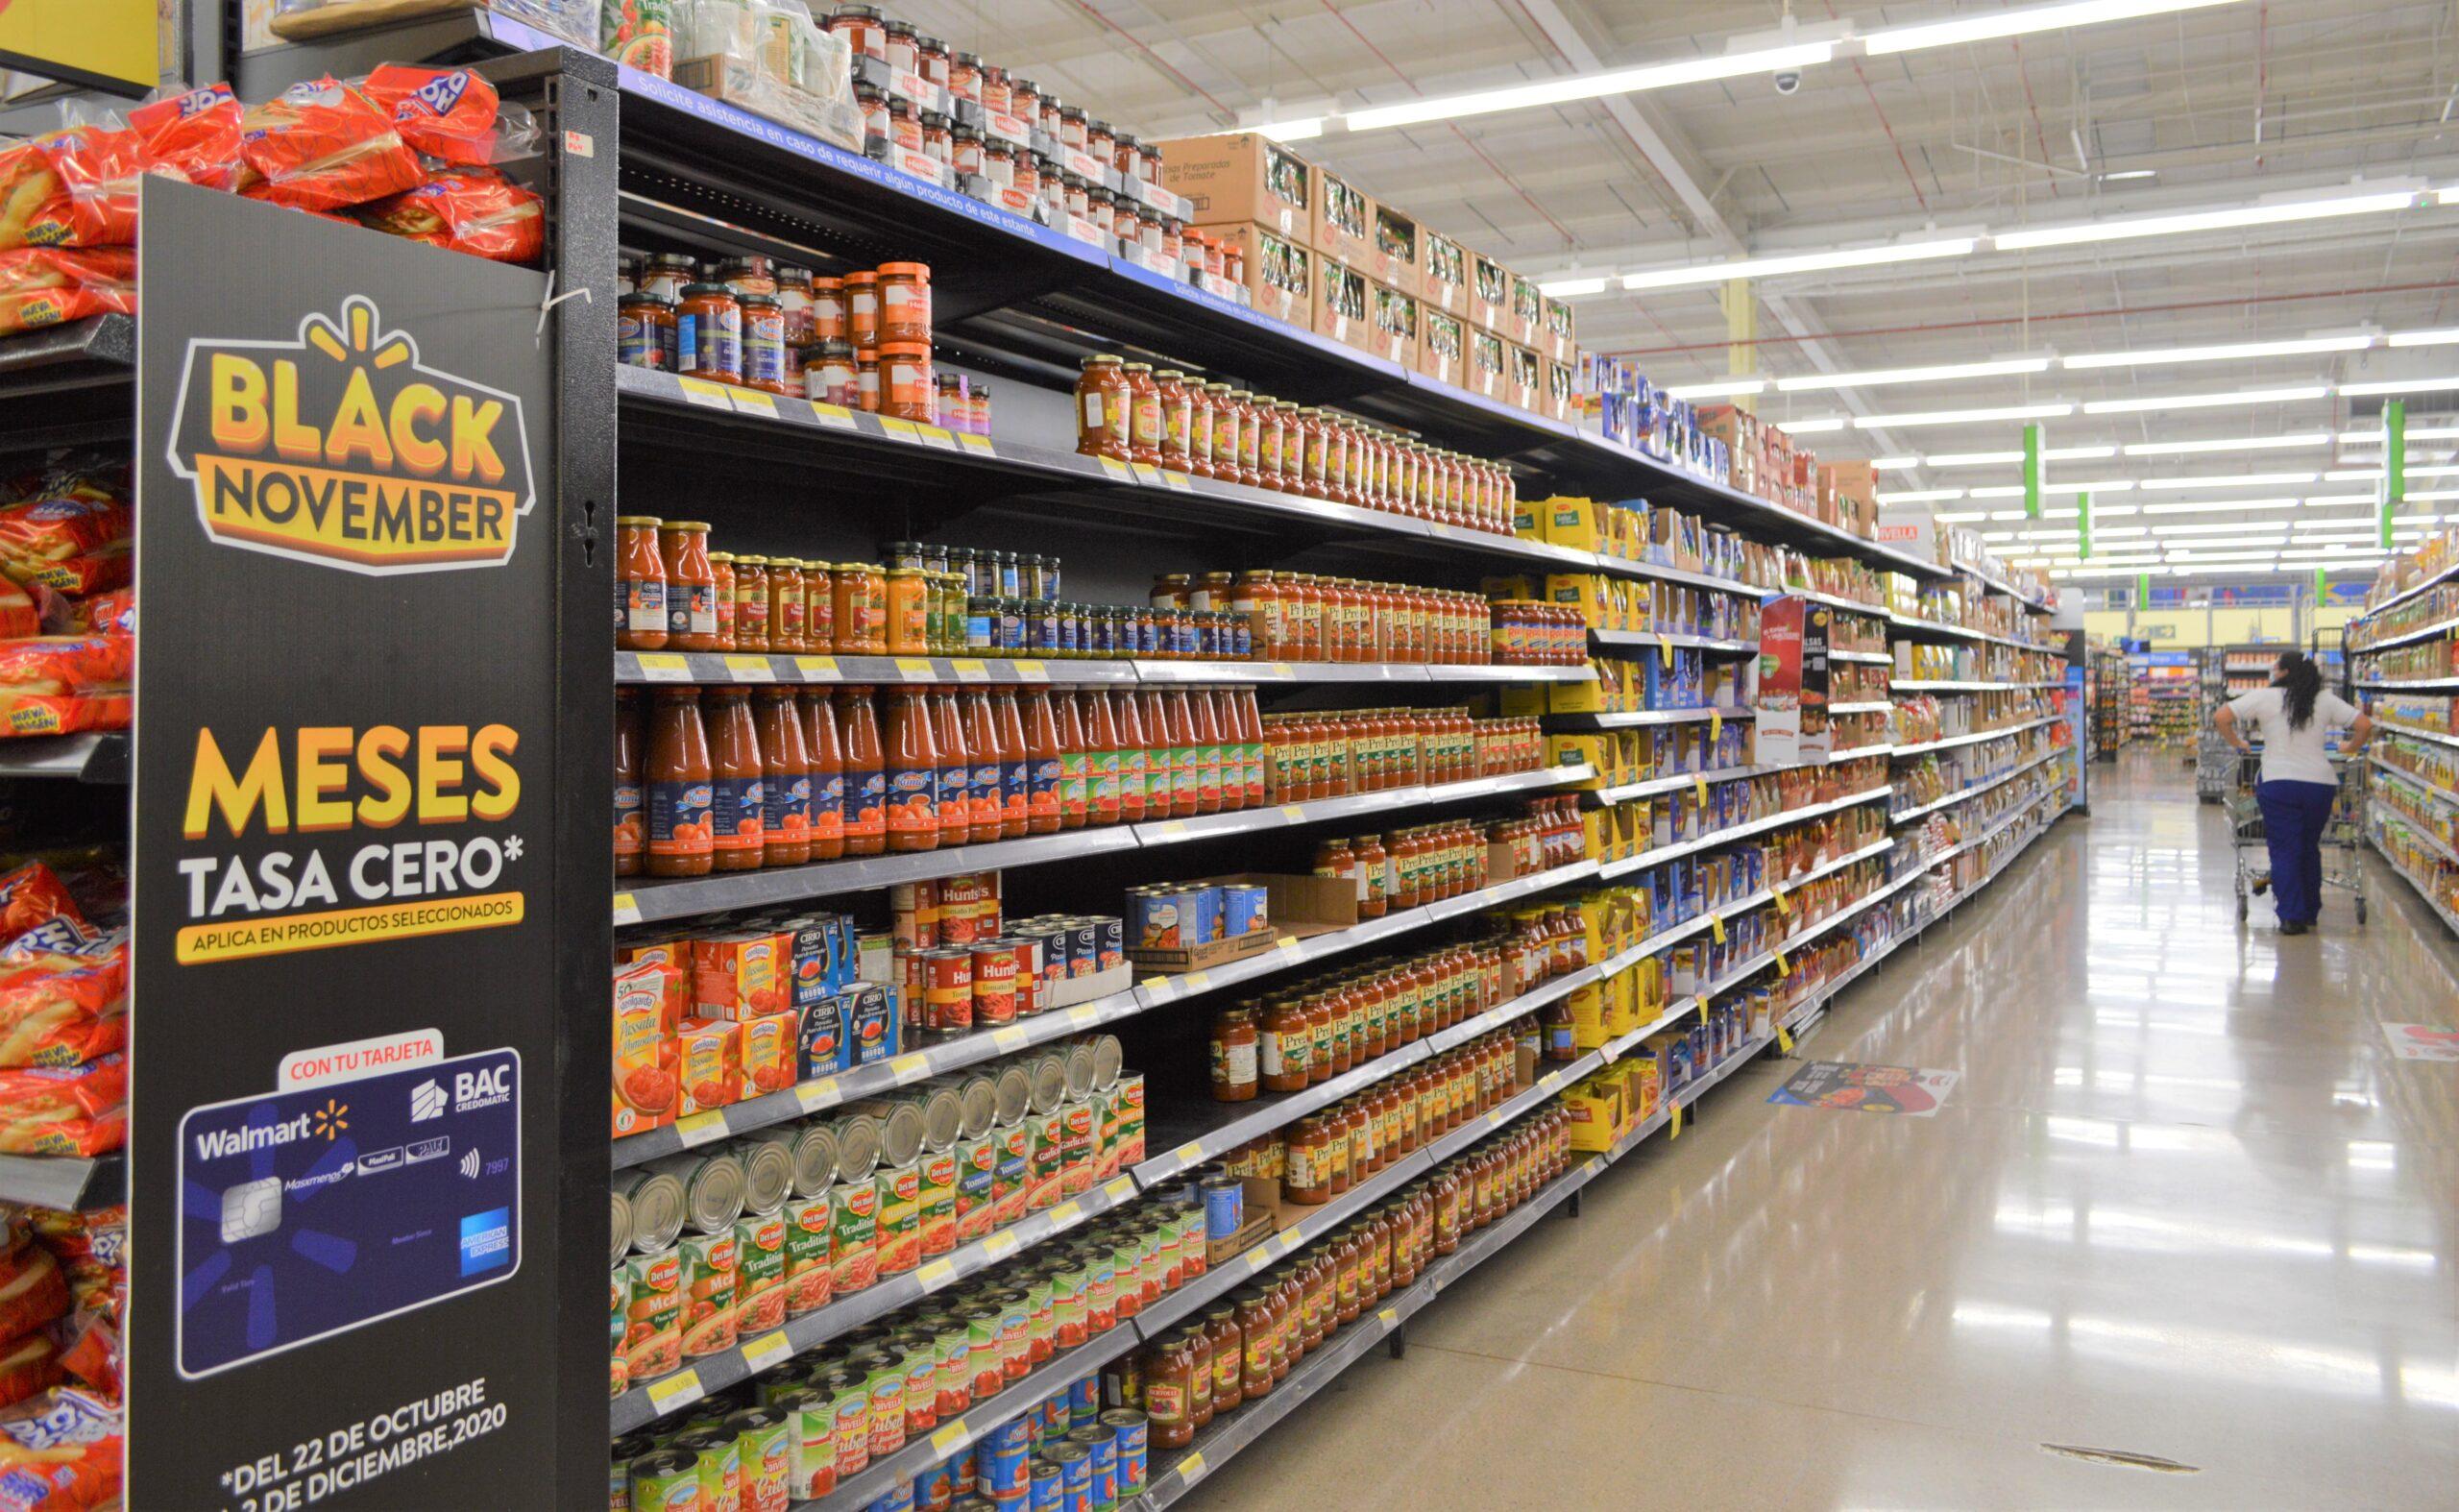 Walmart y Maxi Pali te trae grandes descuentos en el Black November